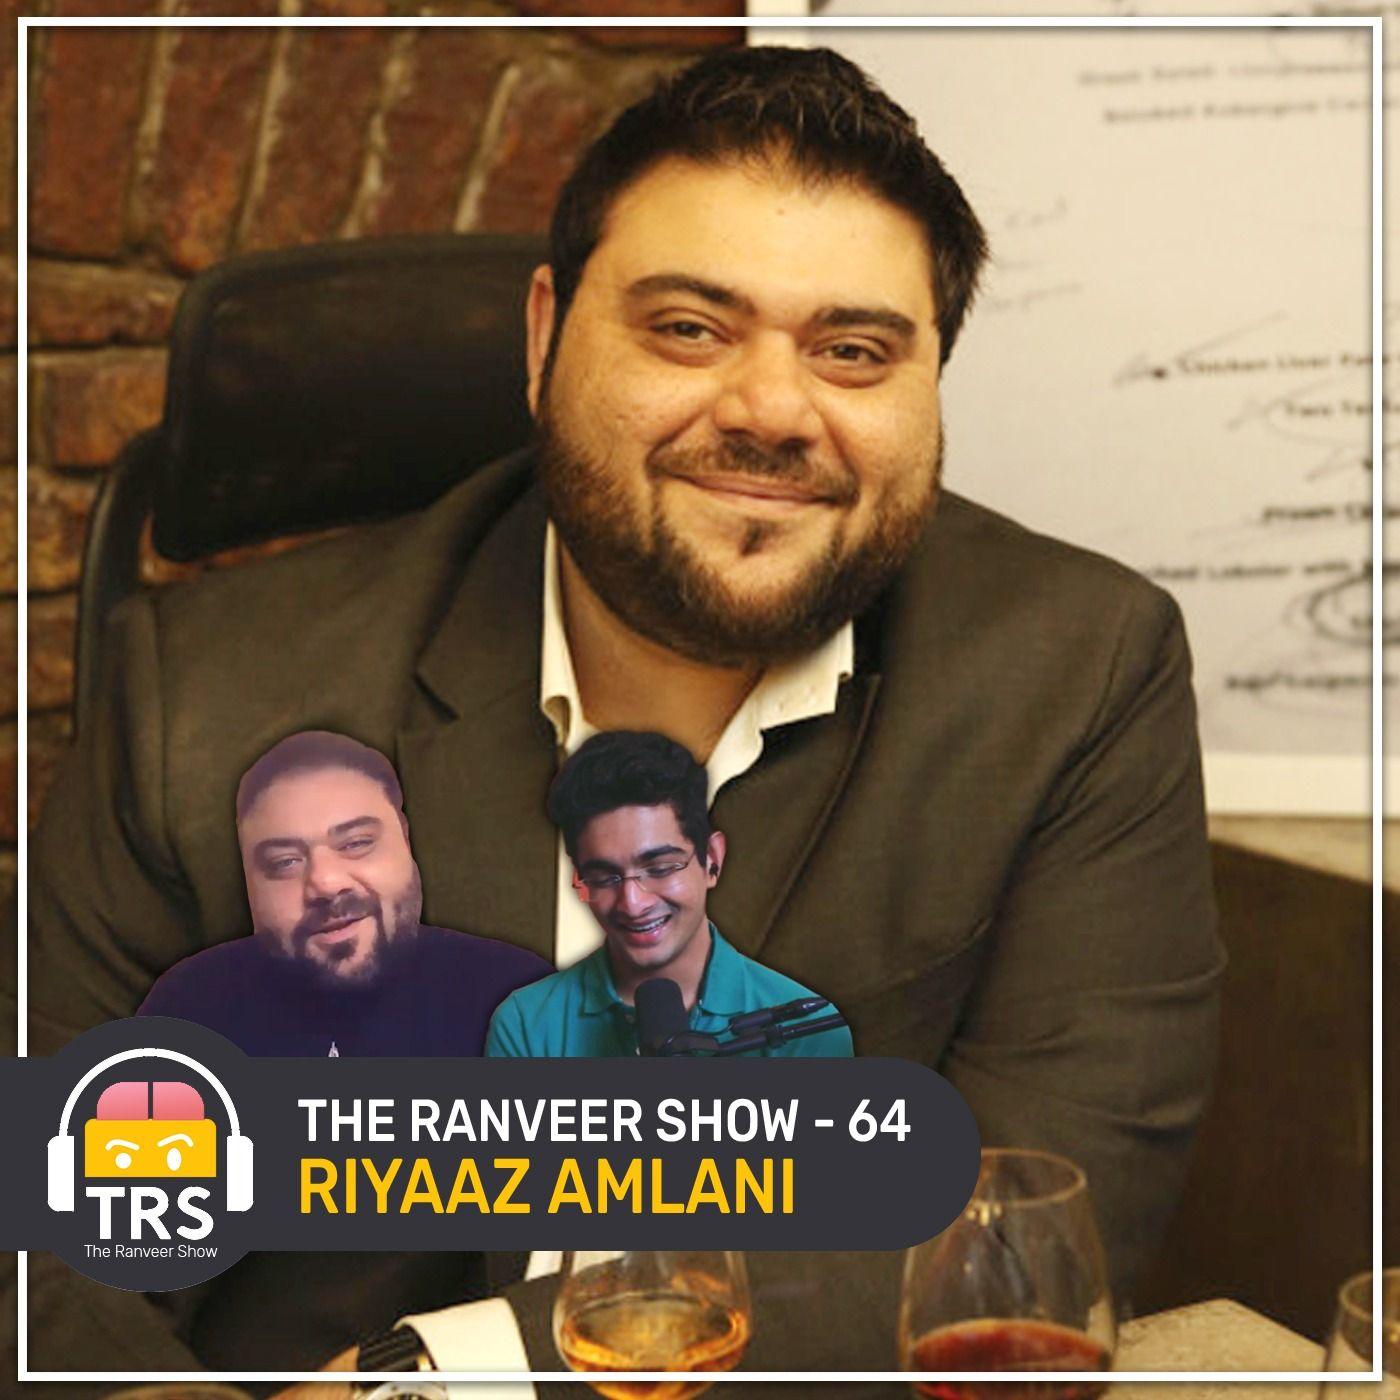 The Restaurant King Of India - Riyaaz Amlani   The Ranveer Show 64